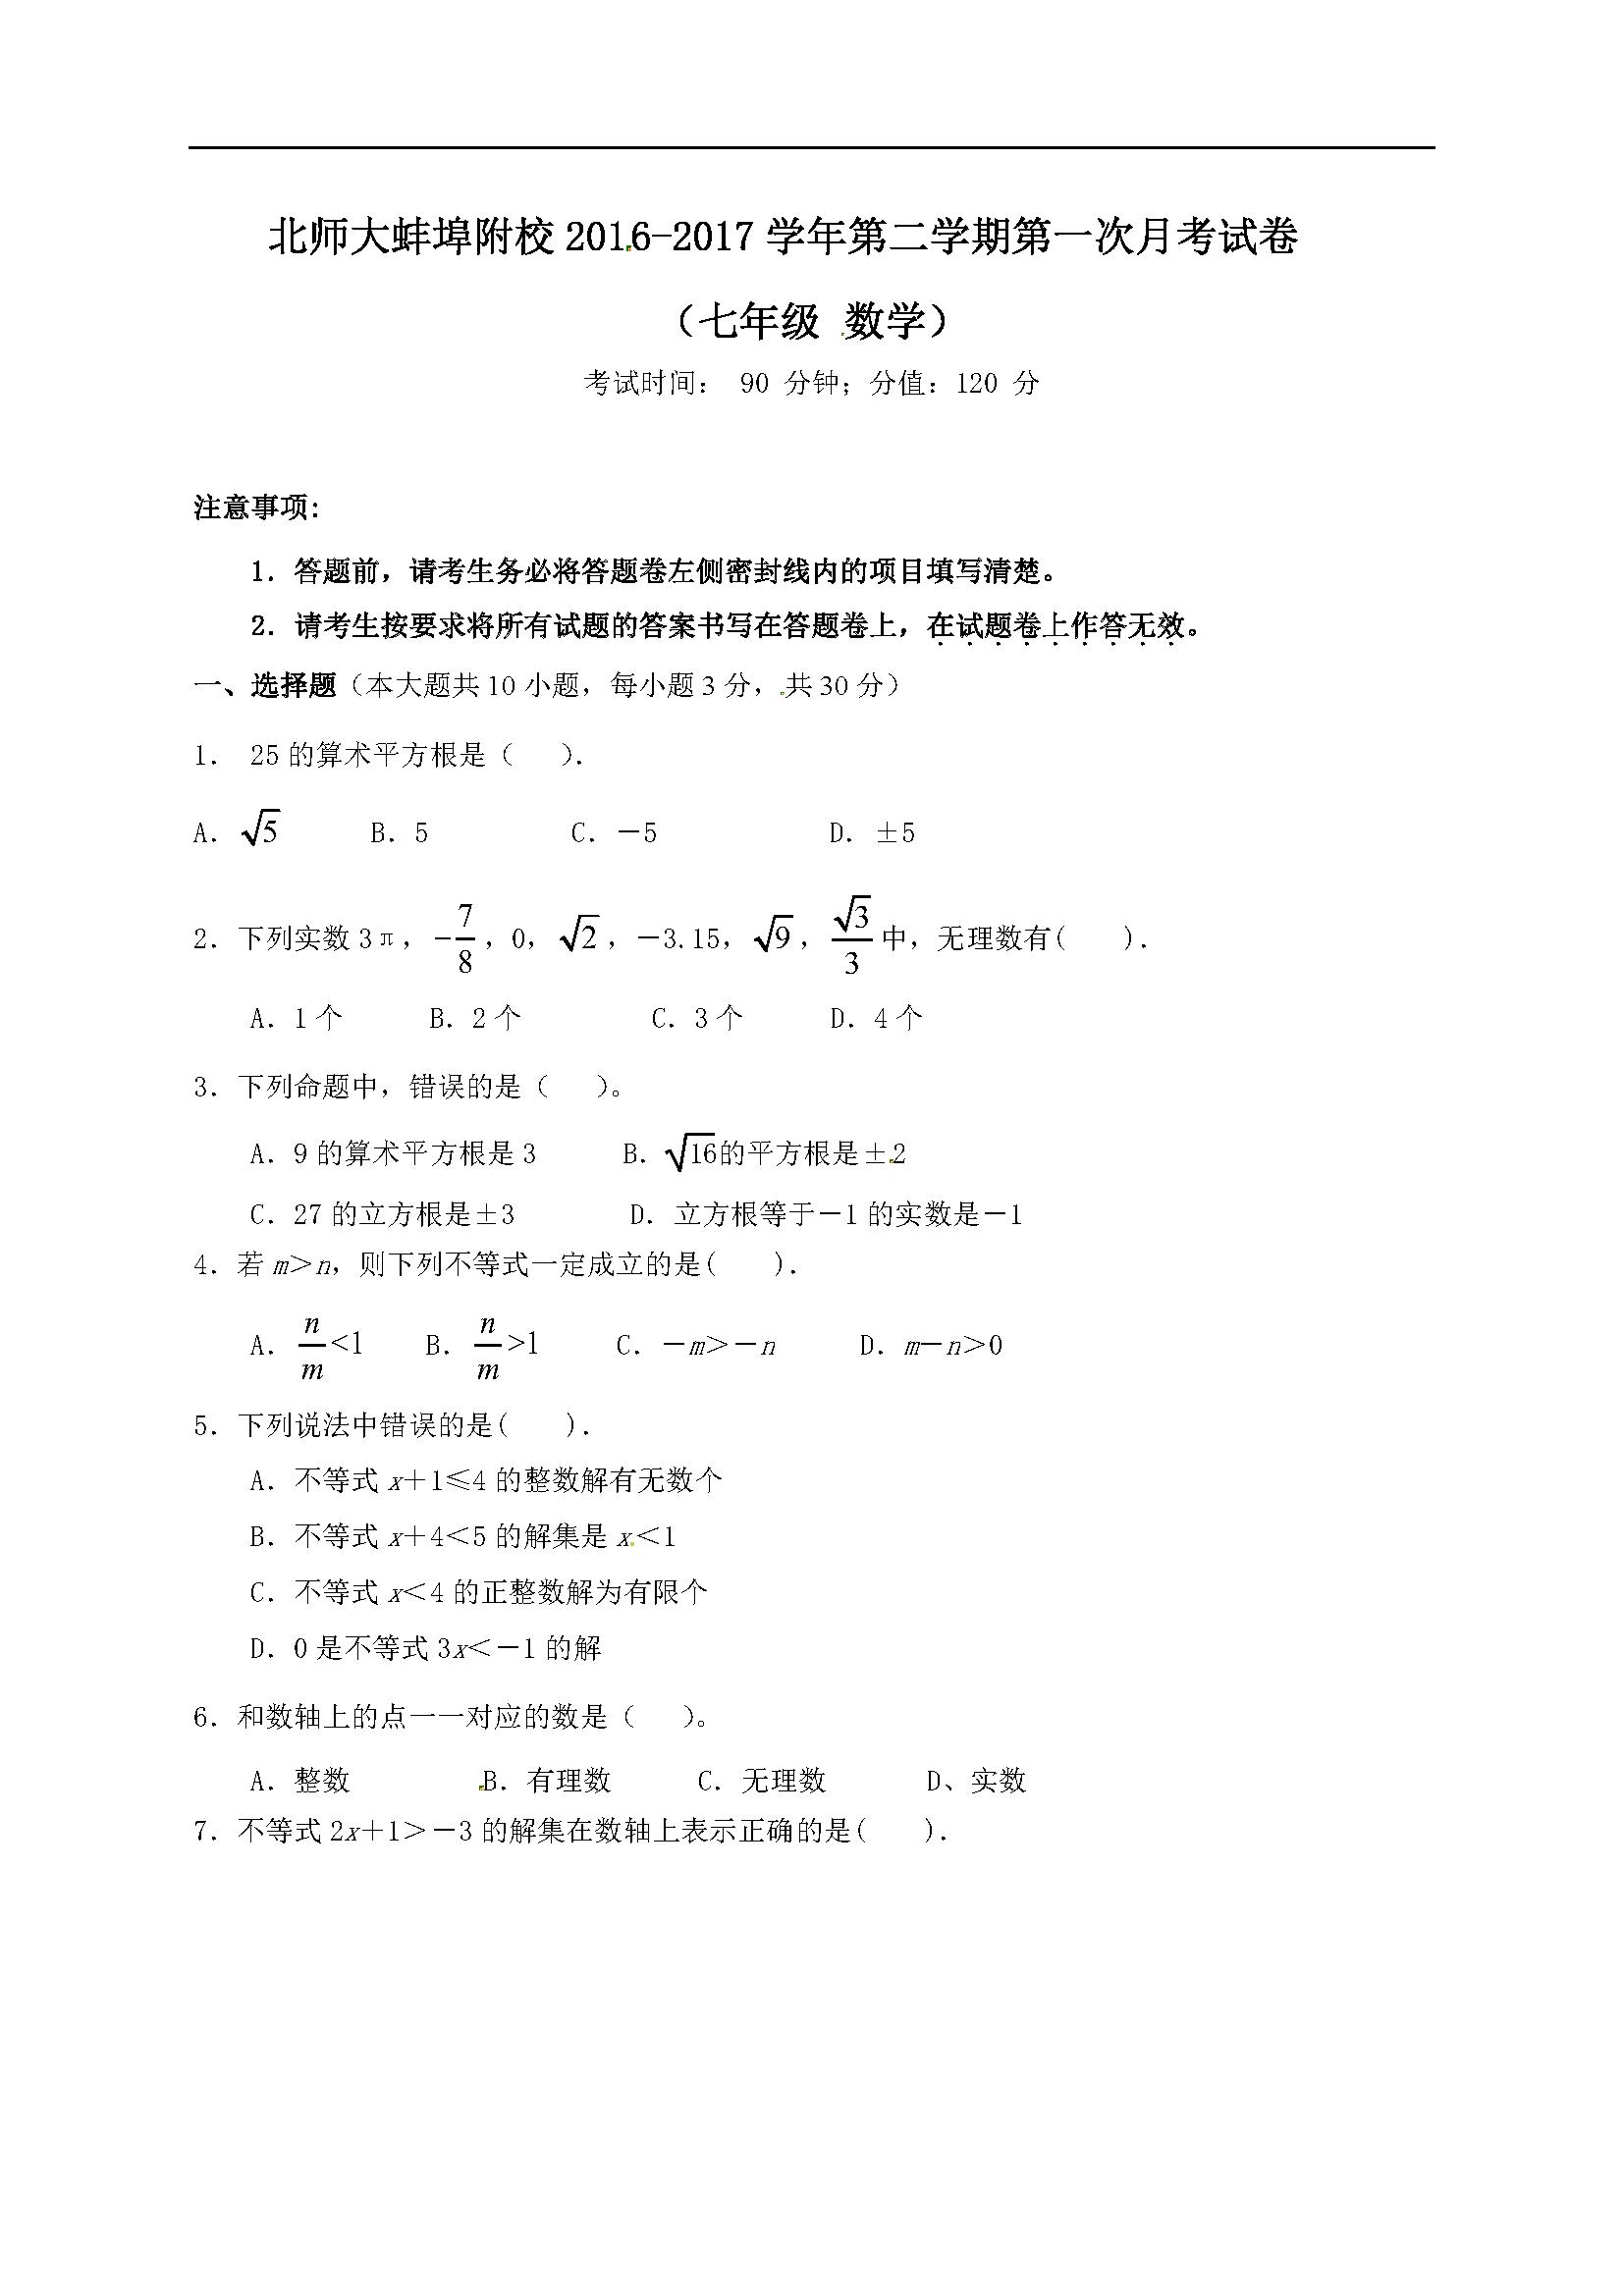 2017北京师范大学蚌埠附属学校七年级下第一次月考数学试题(图片版)